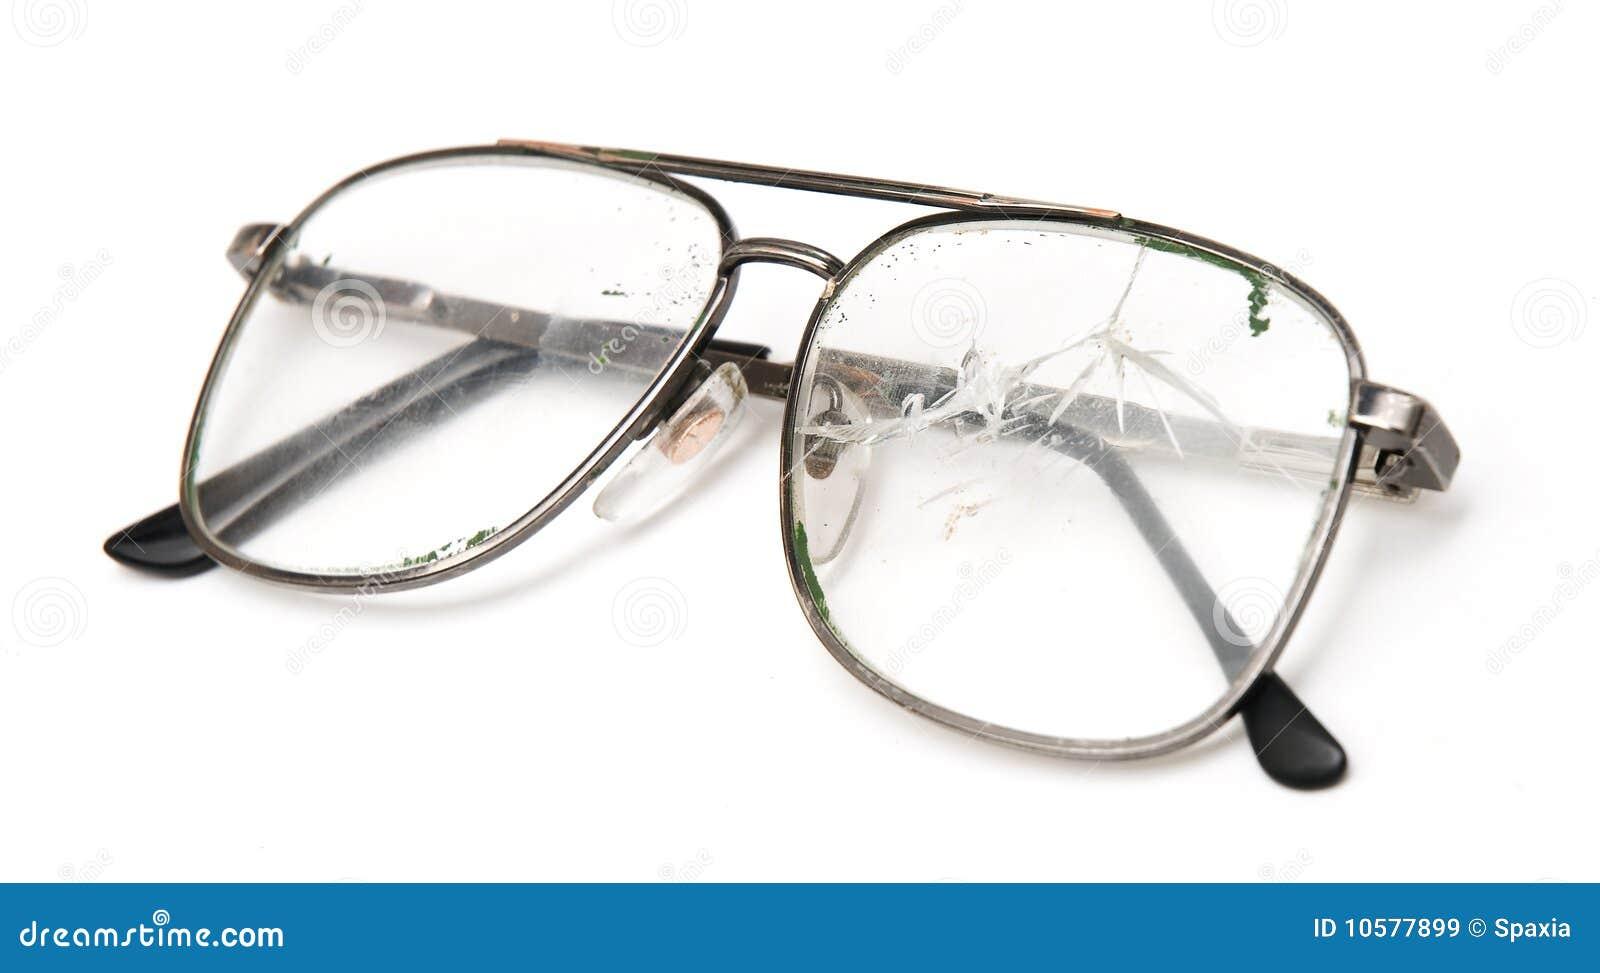 Как сделать стёкла на очках темнее